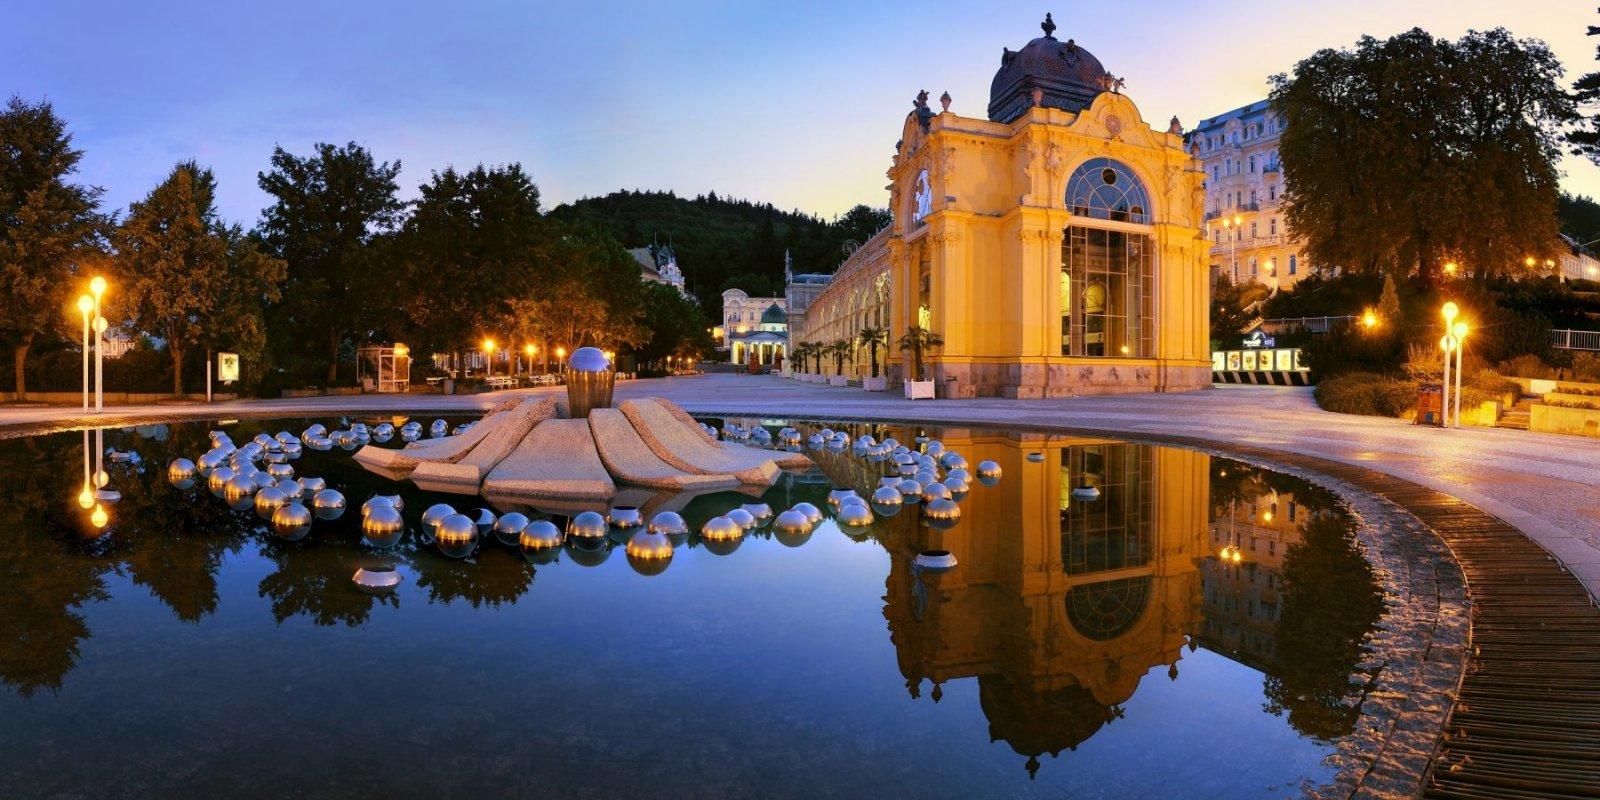 Jedinečná litinová kolonáda, postavená podle projektů vídeňských architektů Miksche a Niedzielského v letech 1888–1889 je skutečným skvostem lázeňské architektury.